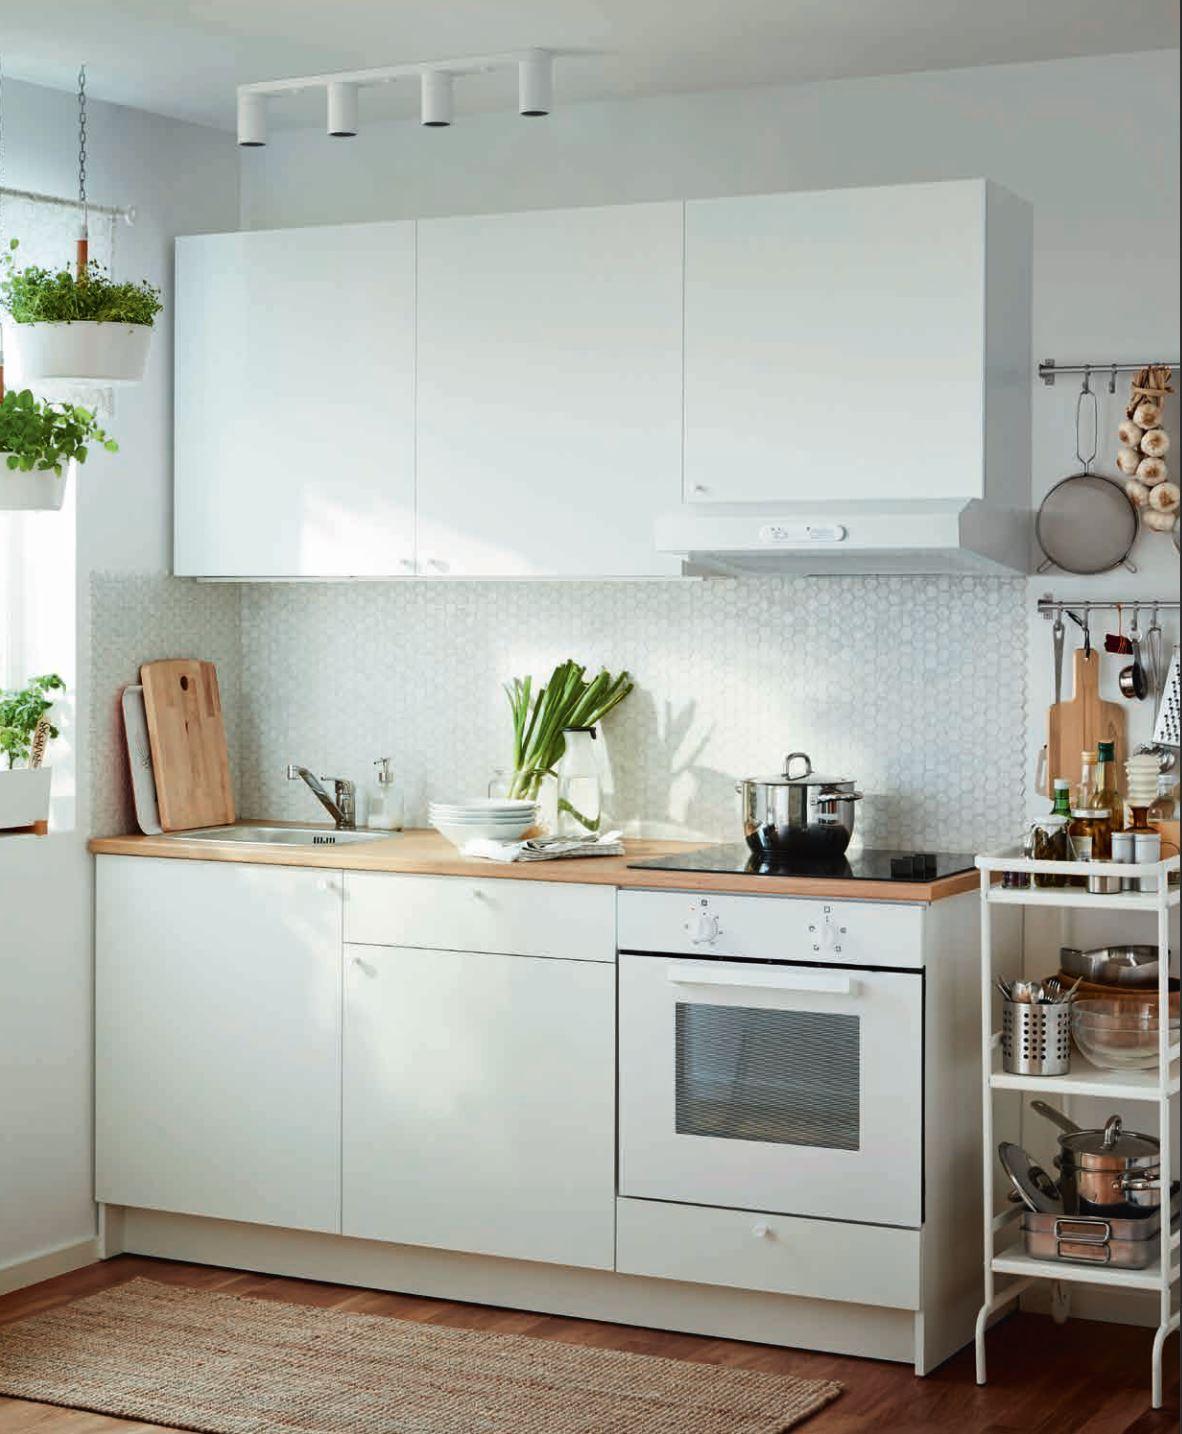 Full Size of Edelstahl Küche Ikea Kche Kaufen Unsere Erfahrungen Wie Schneiden Kchen Wandfliesen Modul Wasserhahn Für Gebrauchte Barhocker Deckenleuchten Büroküche Wohnzimmer Edelstahl Küche Ikea